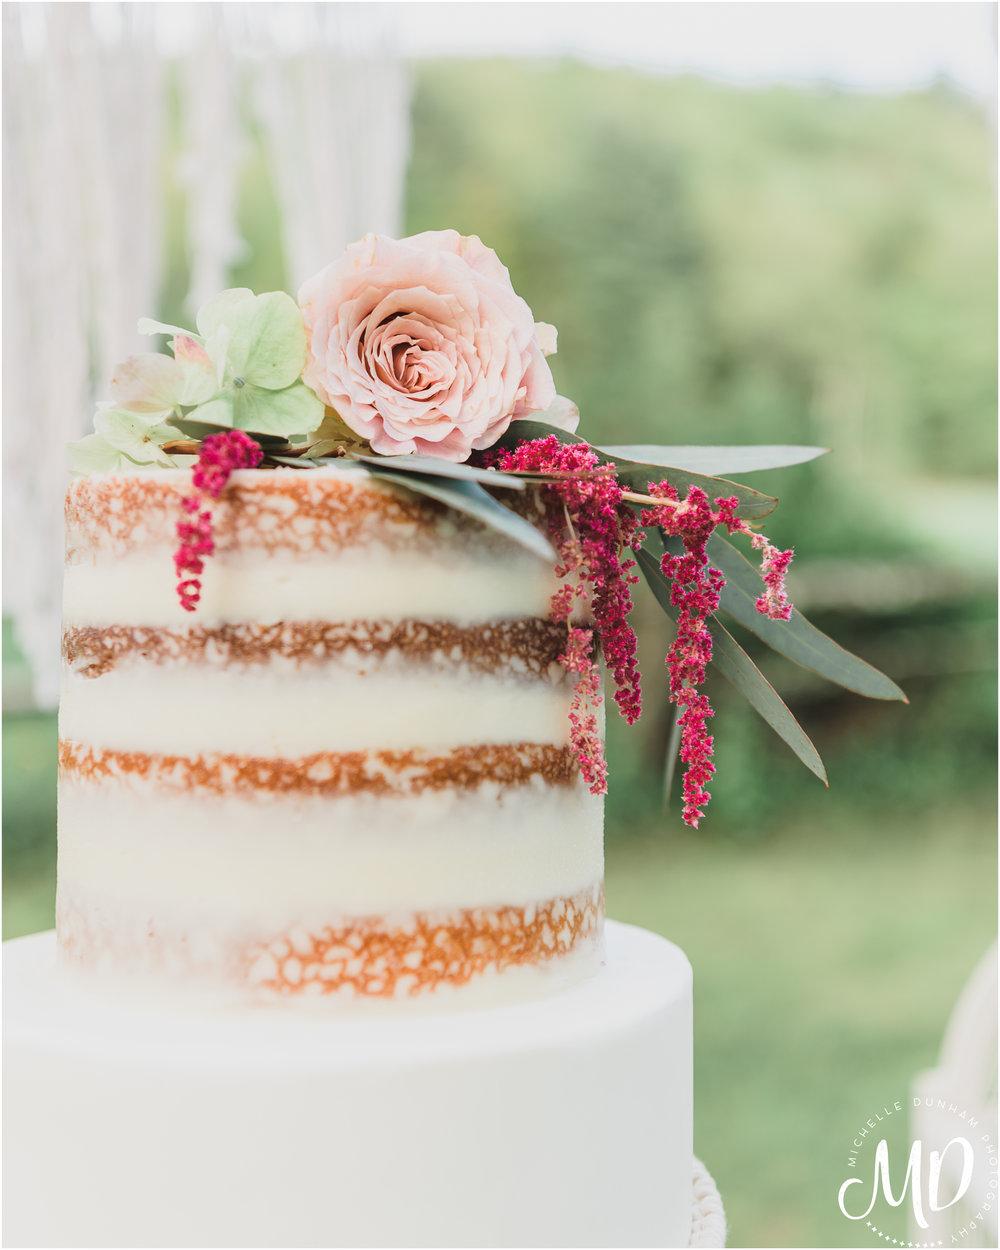 Michelle Dunham Photography_Boho_WeddingCake_1.jpg